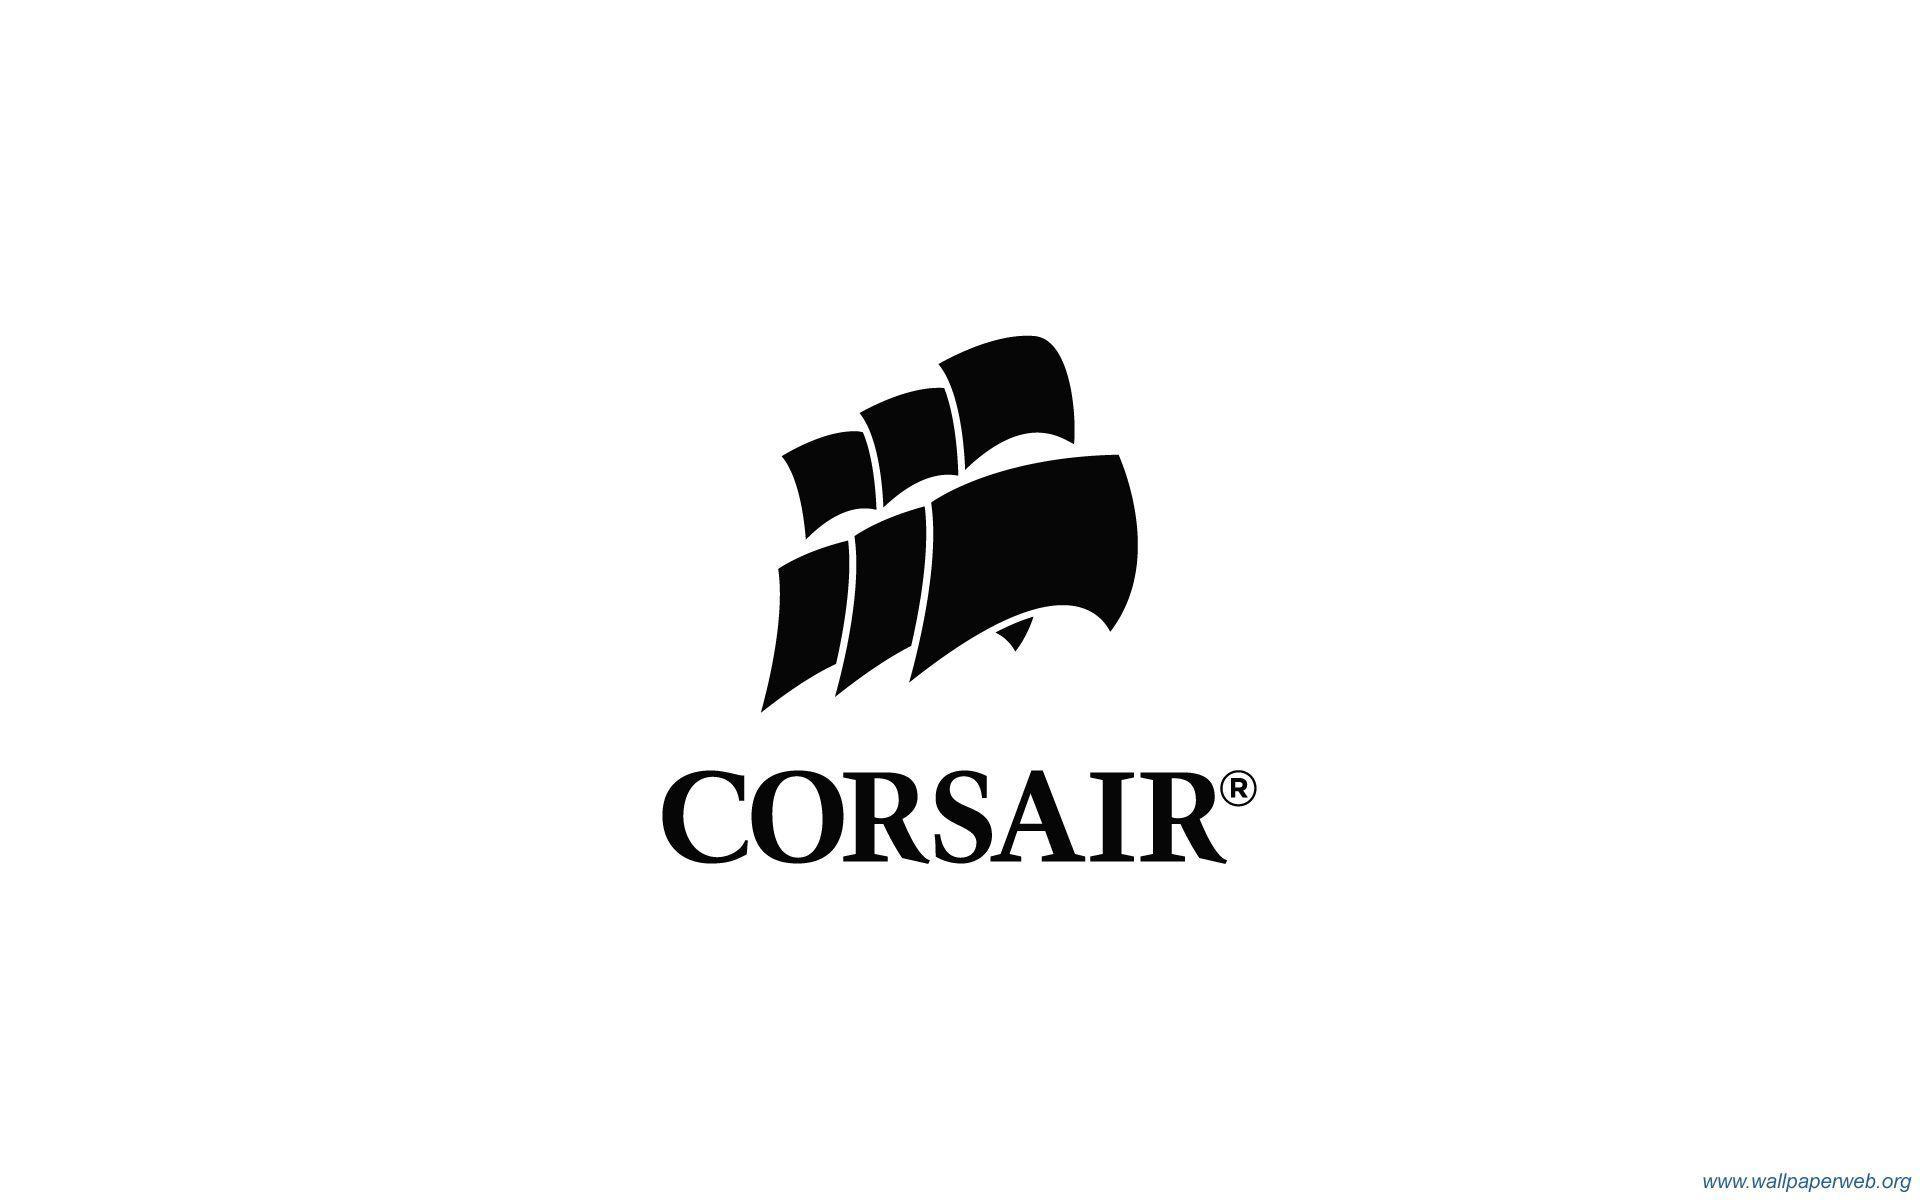 602000-corsair-logo